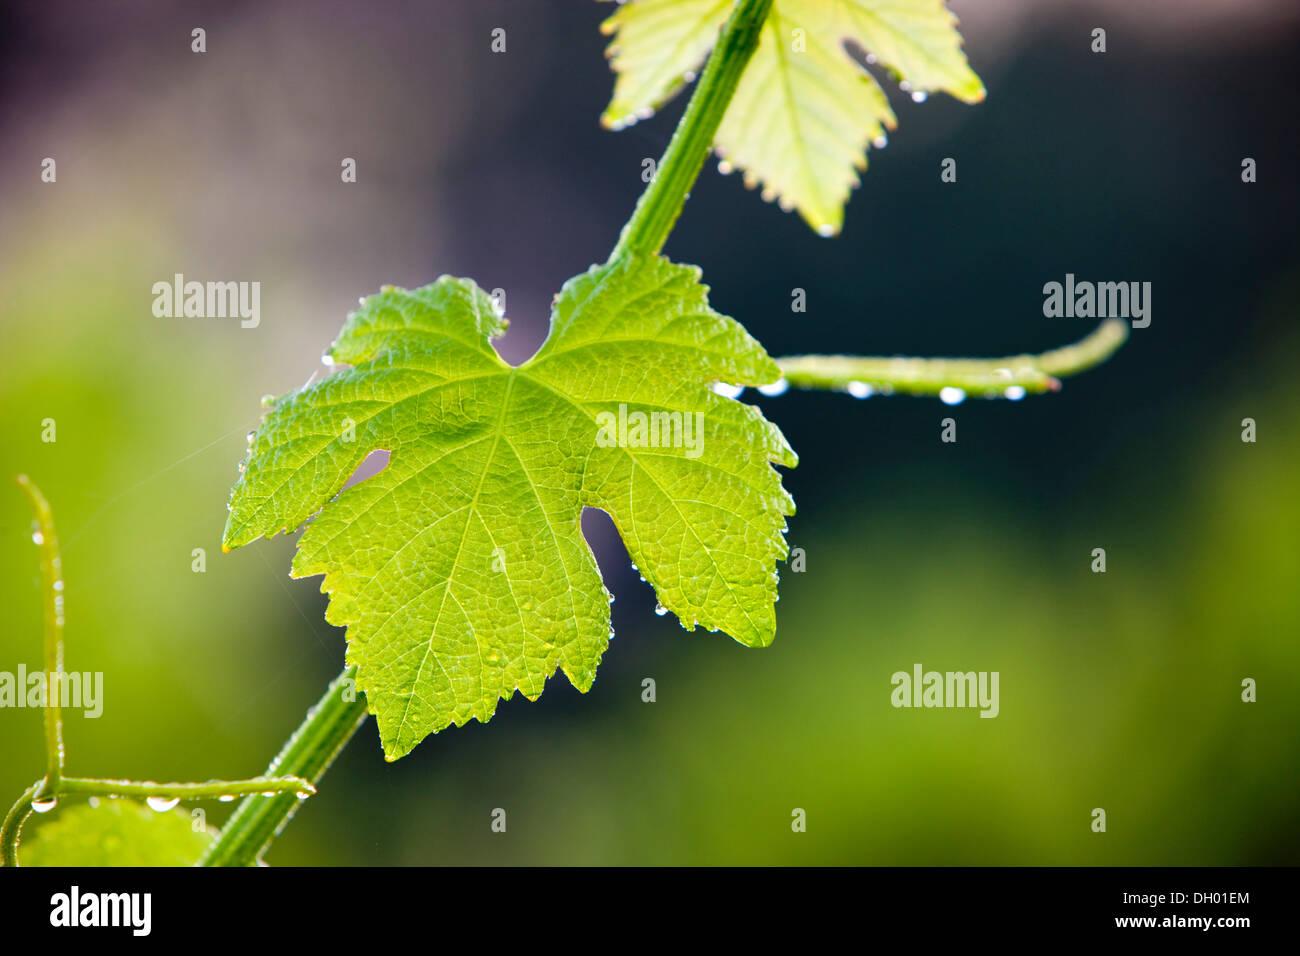 Gemeinsame Weintraube Weinrebe (Vitis Vinifera), Bindfäden und Blatt, Alpes-de-Haute-Provence, Frankreich Stockbild